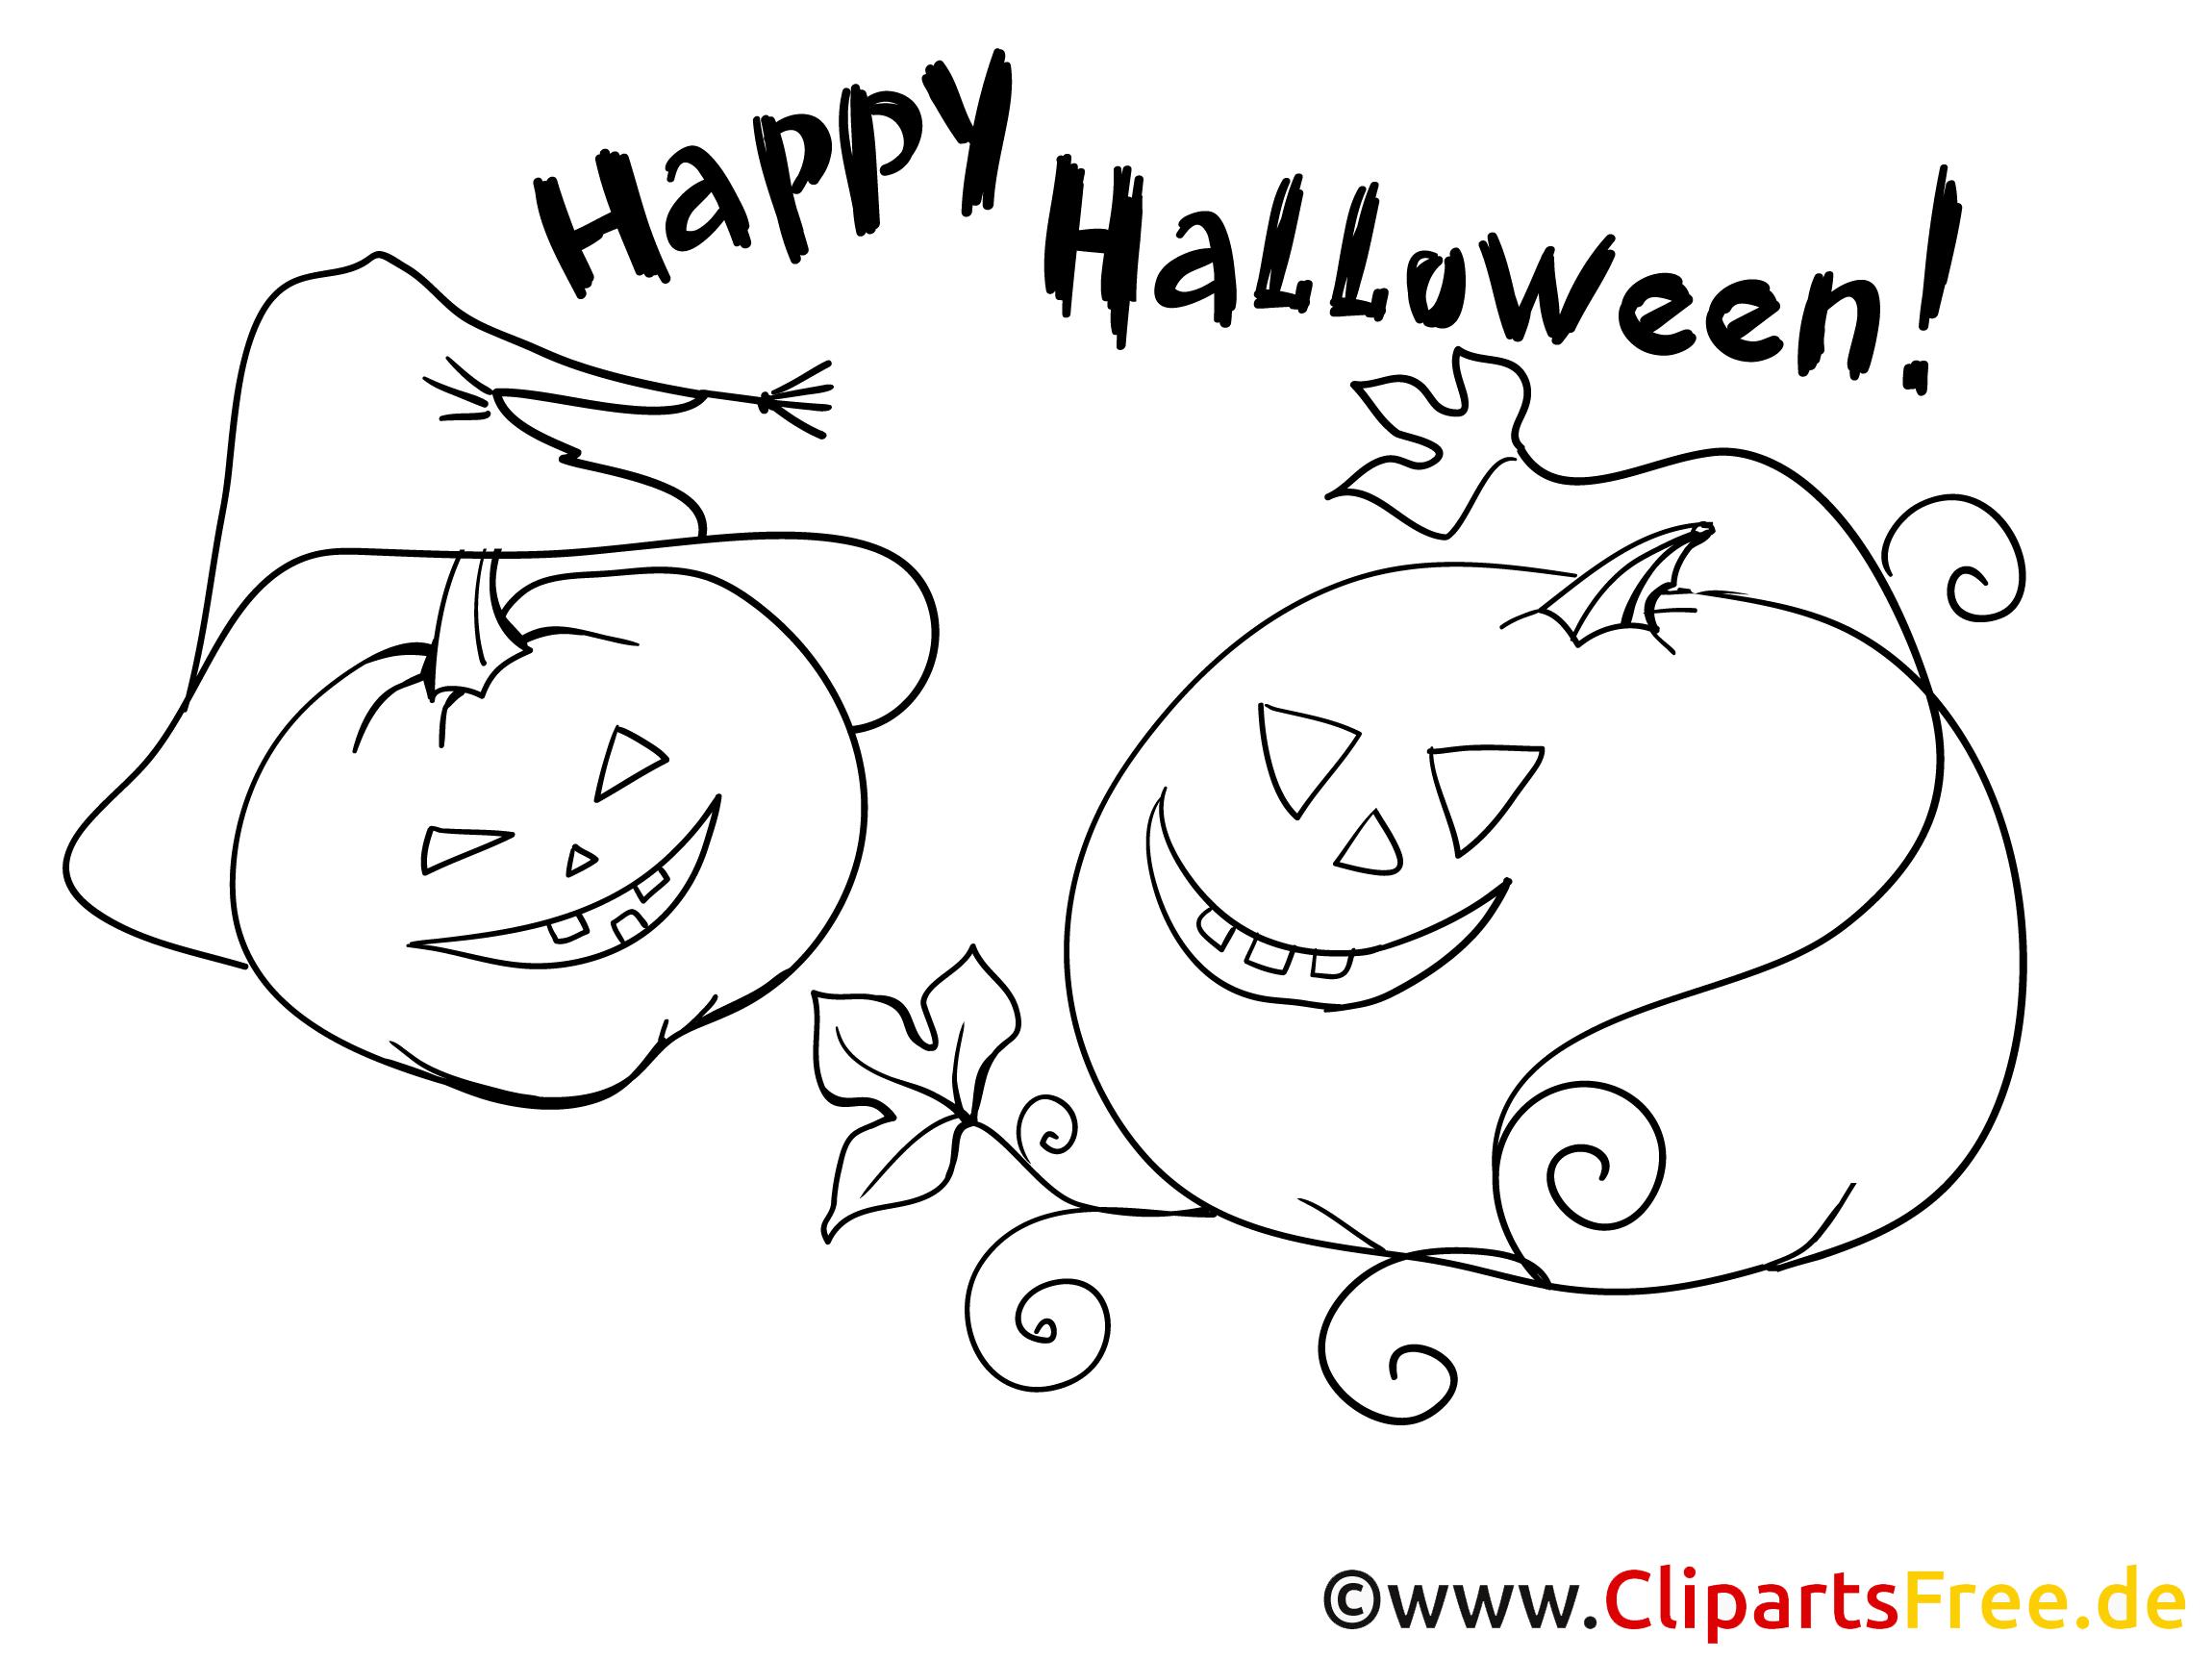 Einfache Malvorlage zu Halloween für kleine Kinder